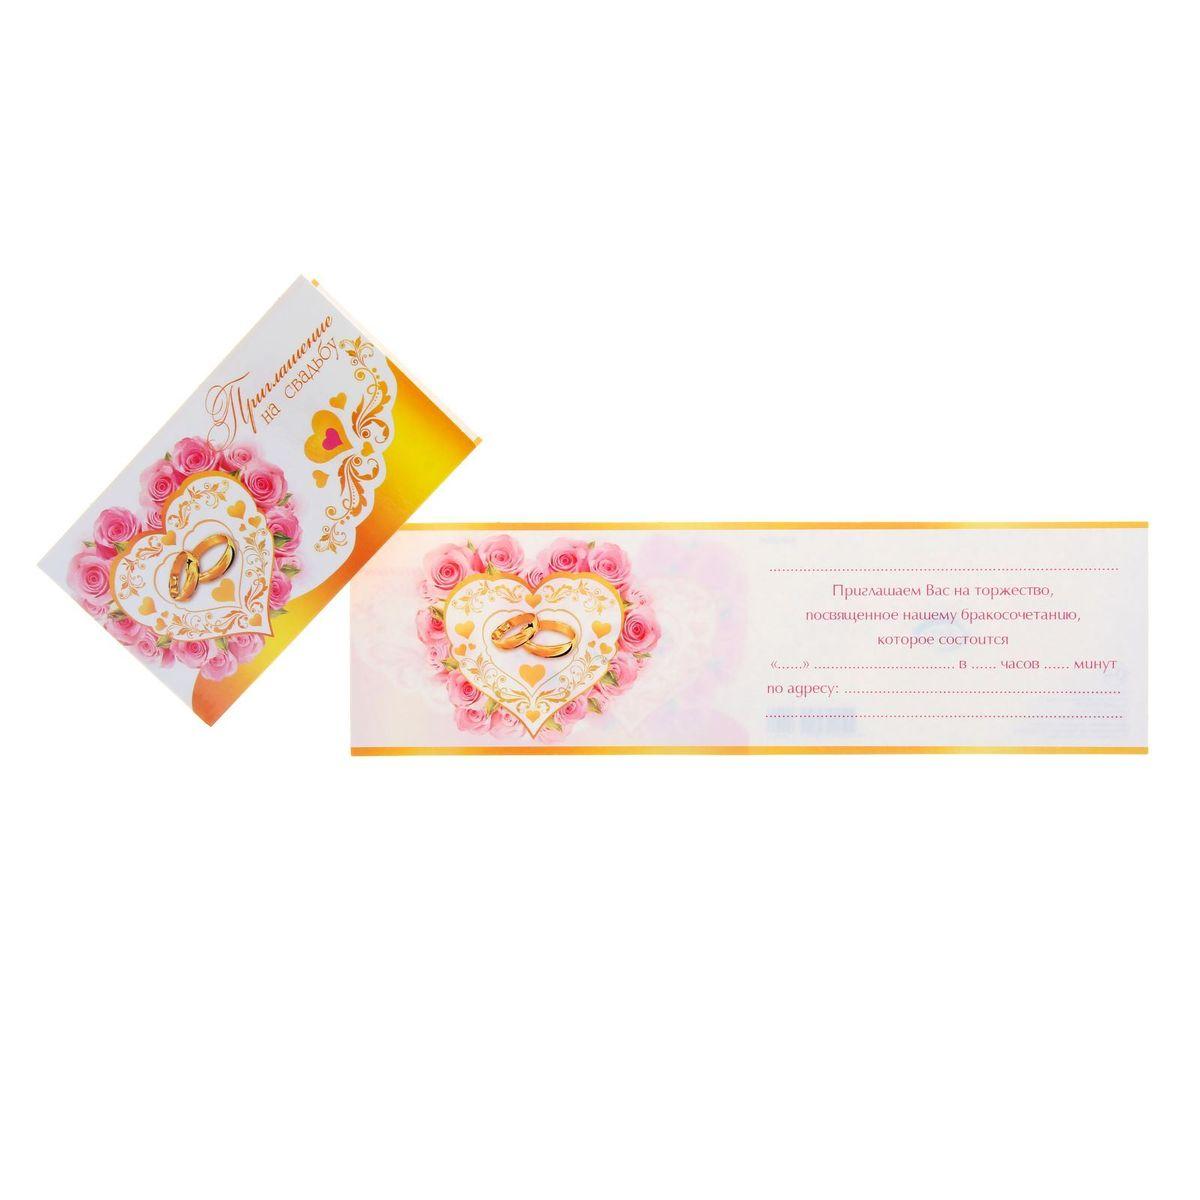 Приглашение на свадьбу Мир открыток. 11427061142706Приглашение на свадьбу Мир открыток, выполненное из картона, отличается не только оригинальным дизайном, но и высоким качеством. Лицевая сторона изделия оформлена красивым изображением цветов, сердечек и колец. Внутри содержится поле для записи имени гостя, а также даты и места бракосочетания. Приглашение - один из самых важных элементов вашего торжества. Ведь именно пригласительное письмо станет первым и главным объявлением о том, что вы решили провести столь важное мероприятие. И эта новость обязательно должна быть преподнесена достойным образом. Приглашение - весомая часть всей концепции праздника.